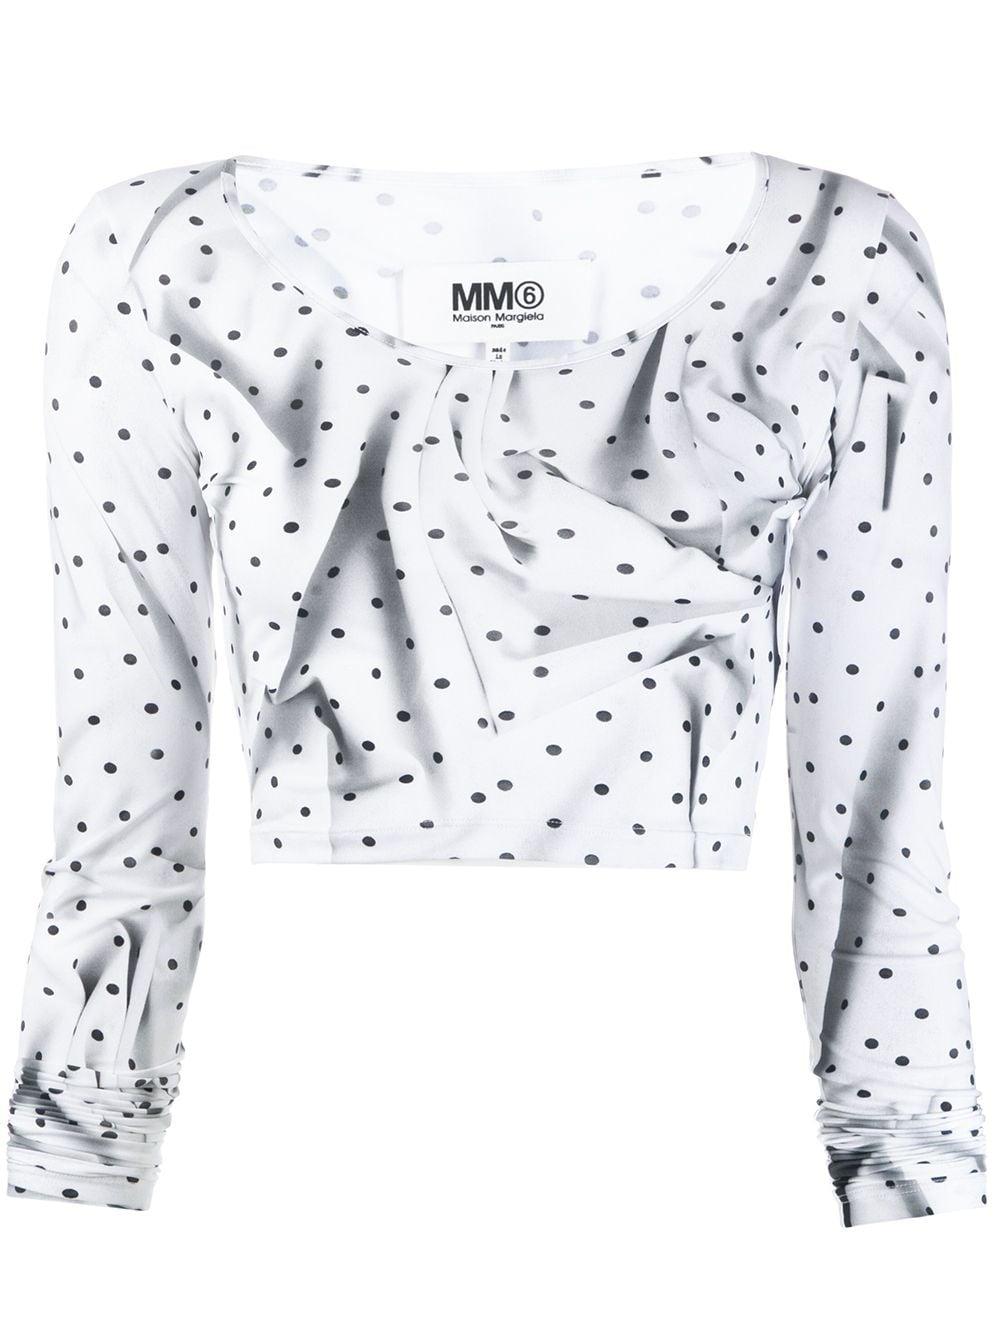 MM6 MAISON MARGIELA Top MM6 MAISON MARGIELA   Top   S32NC0621S23640001S